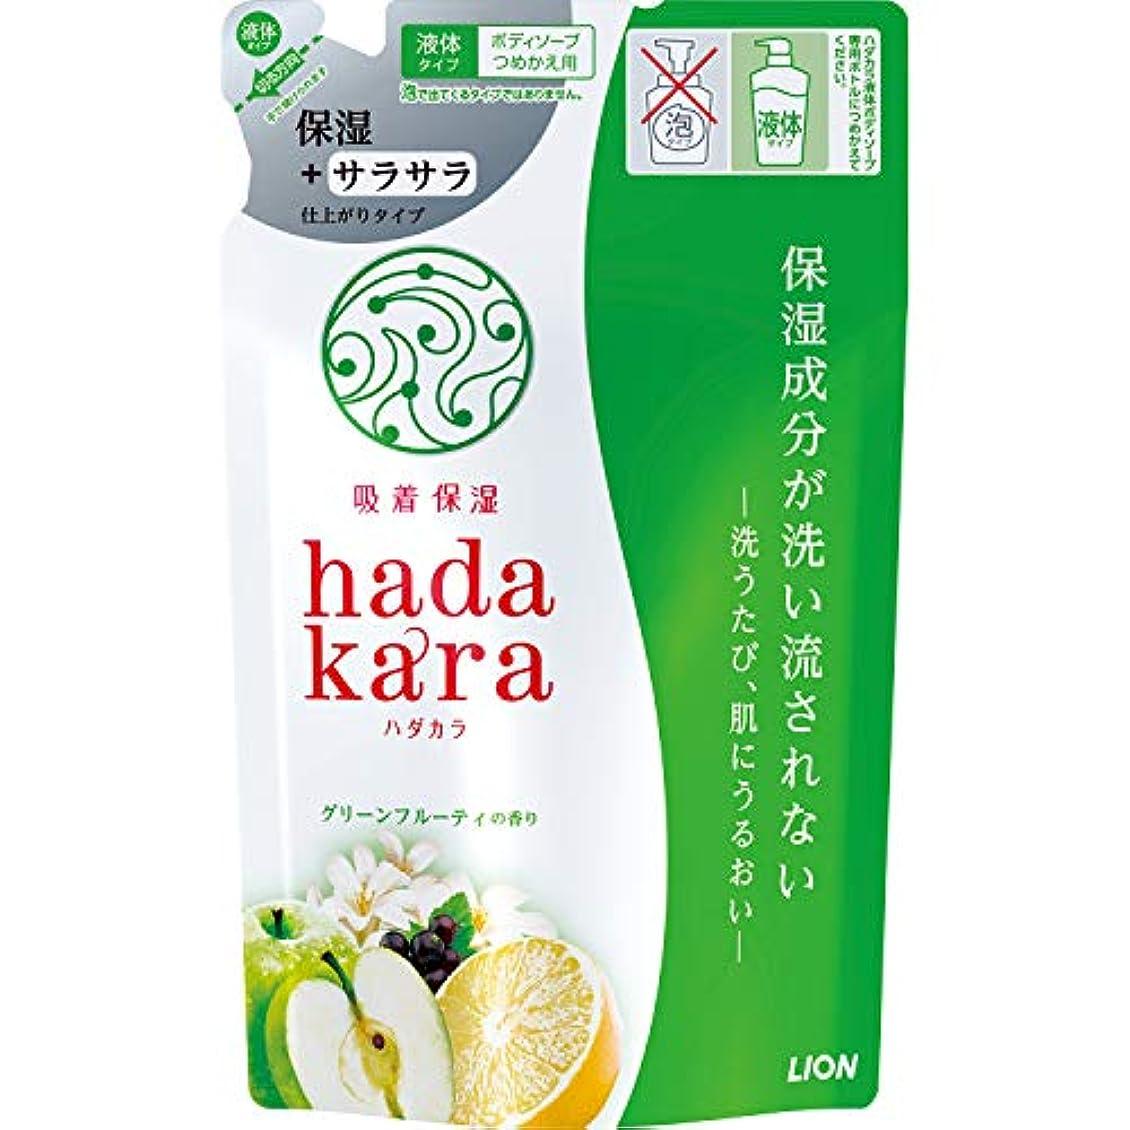 チャーターニュース協力的hadakara(ハダカラ) ボディソープ 保湿+サラサラ仕上がりタイプ グリーンフルーティの香り 詰め替え 340ml